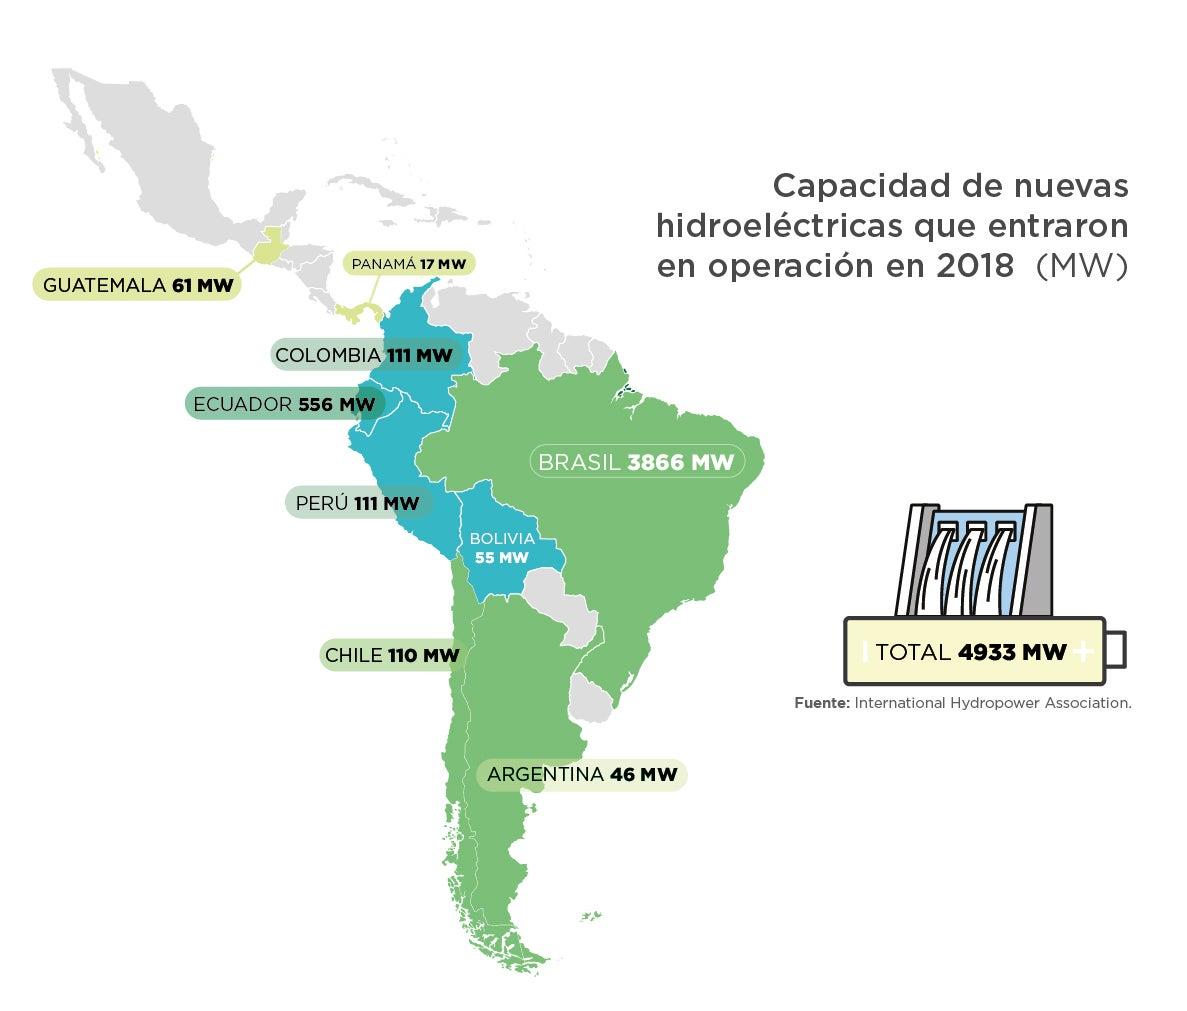 Mapa Capacidad instalada Hidroeléctrica